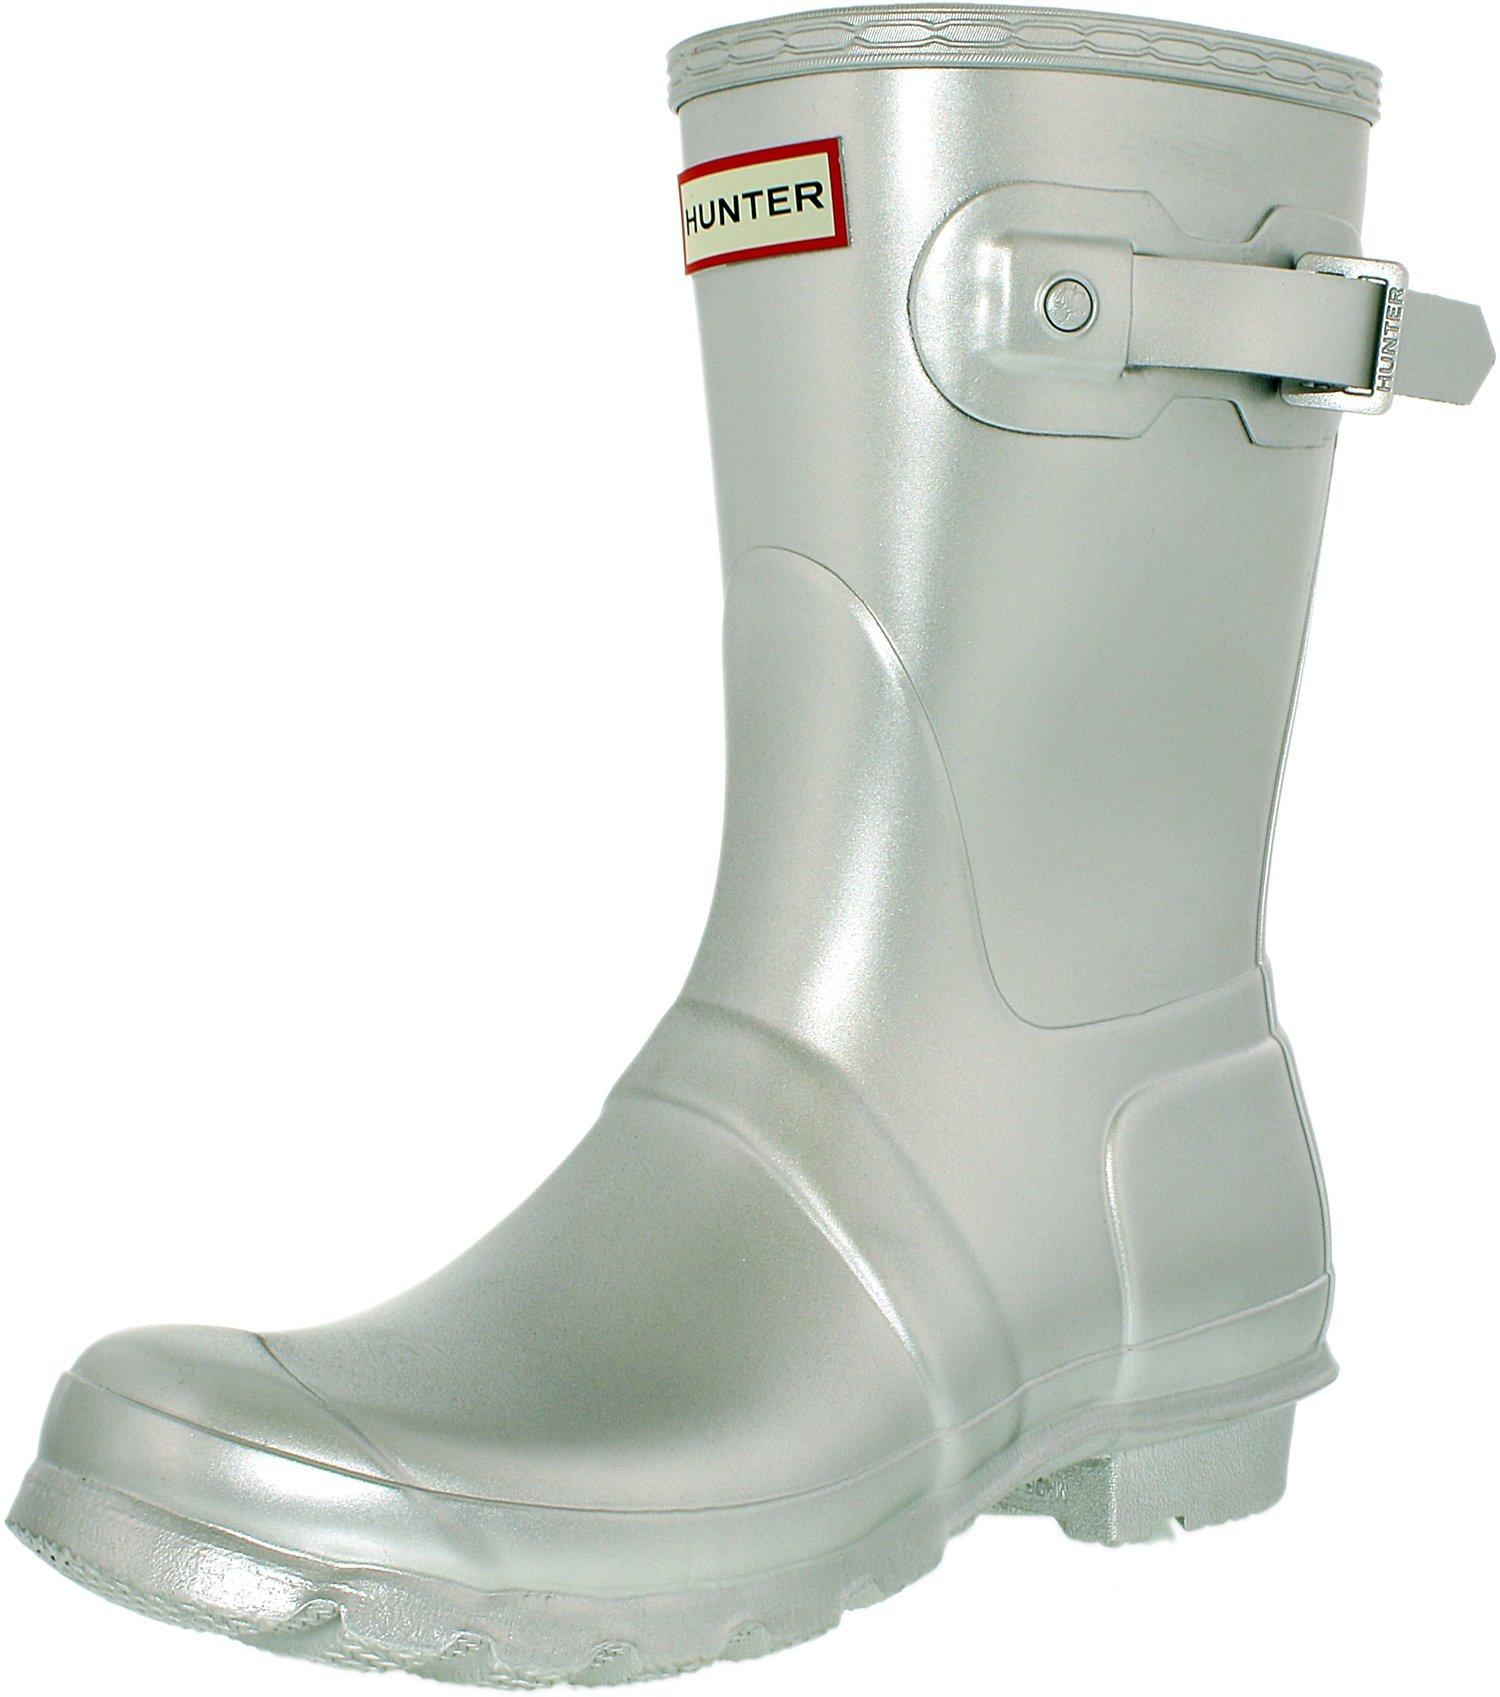 Hunter Boots Women's Original Short Boots, Silver, 6 B(M) US